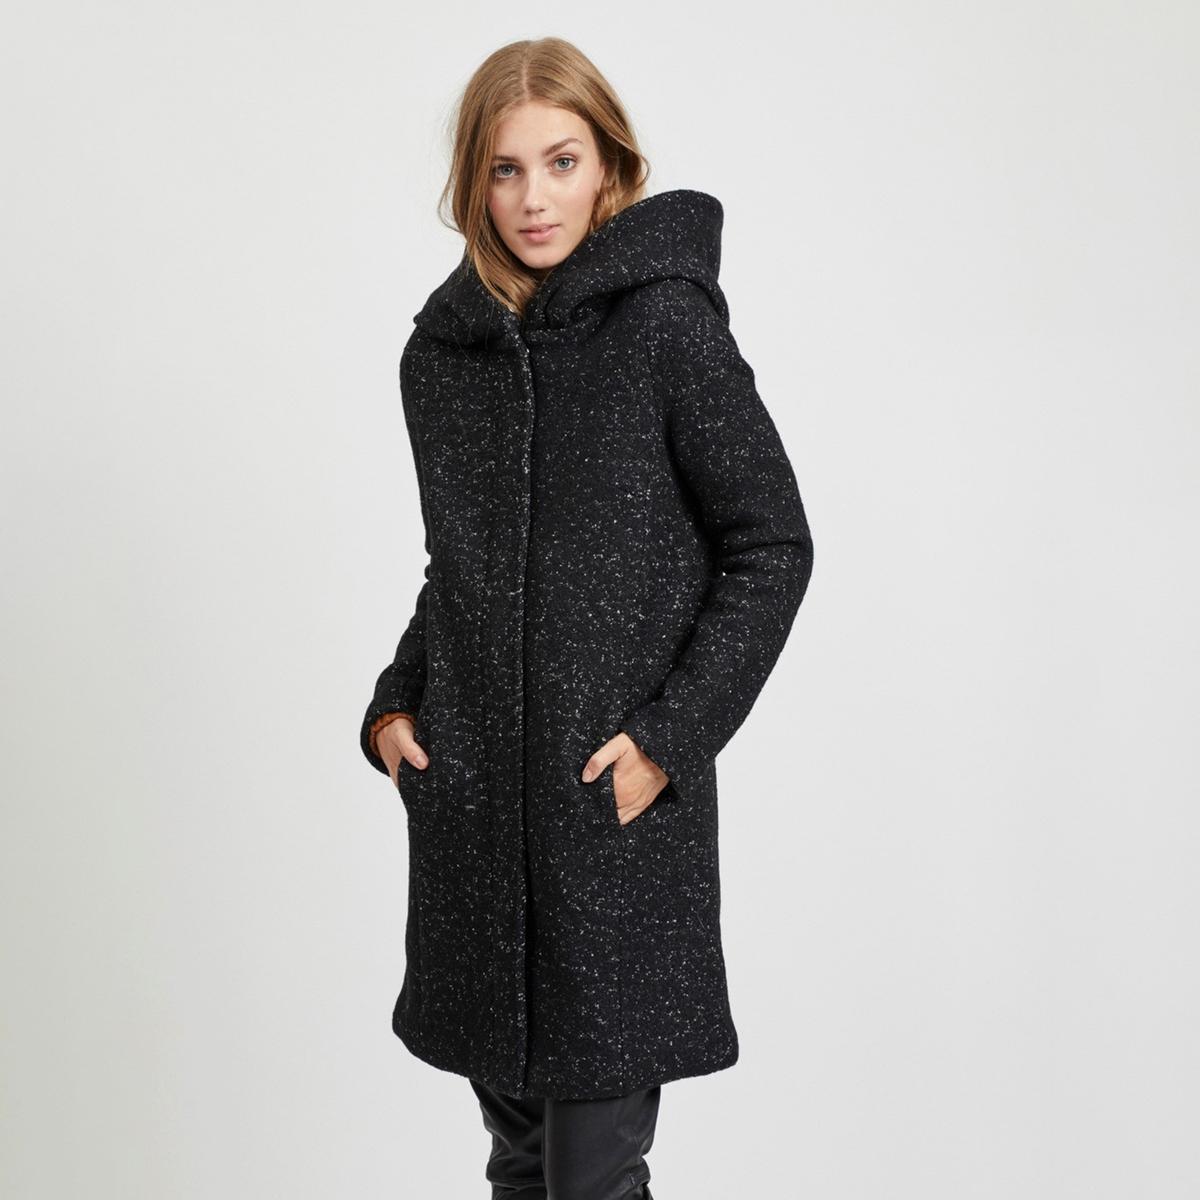 Пальто La Redoute Длинное с капюшоном 34 (FR) - 40 (RUS) черный пальто la redoute в клетку 34 fr 40 rus каштановый